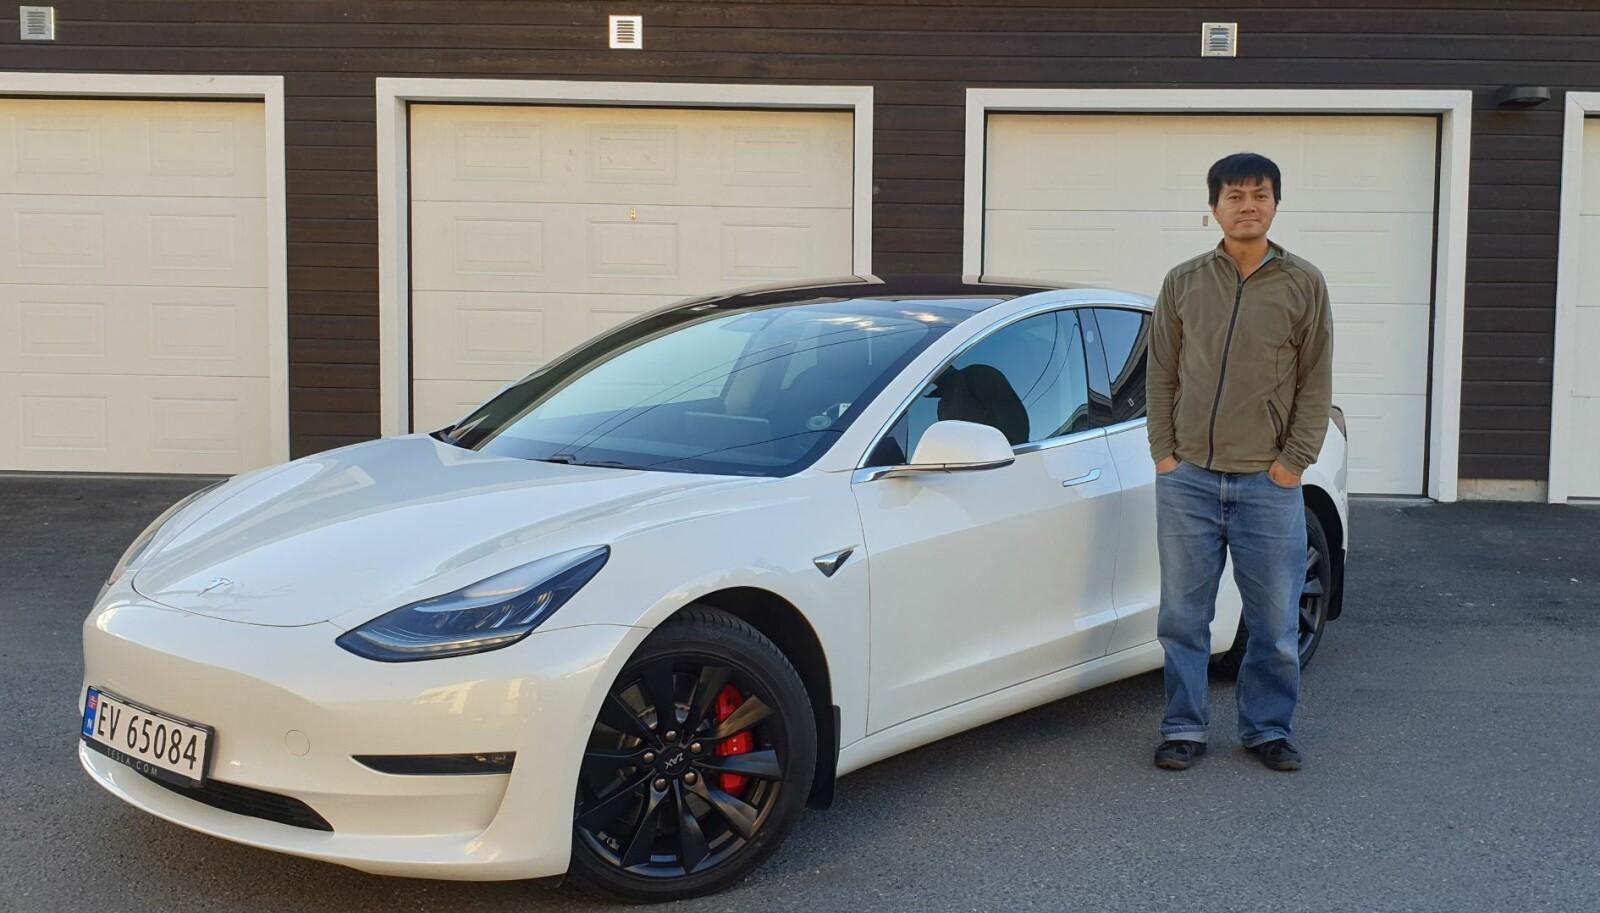 <b>MÅL OG MENING:</b> – Jeg lager videoer om elbiler først og fremst fordi jeg er oppriktig miljøbevisst, sier Bjørn Nyland.